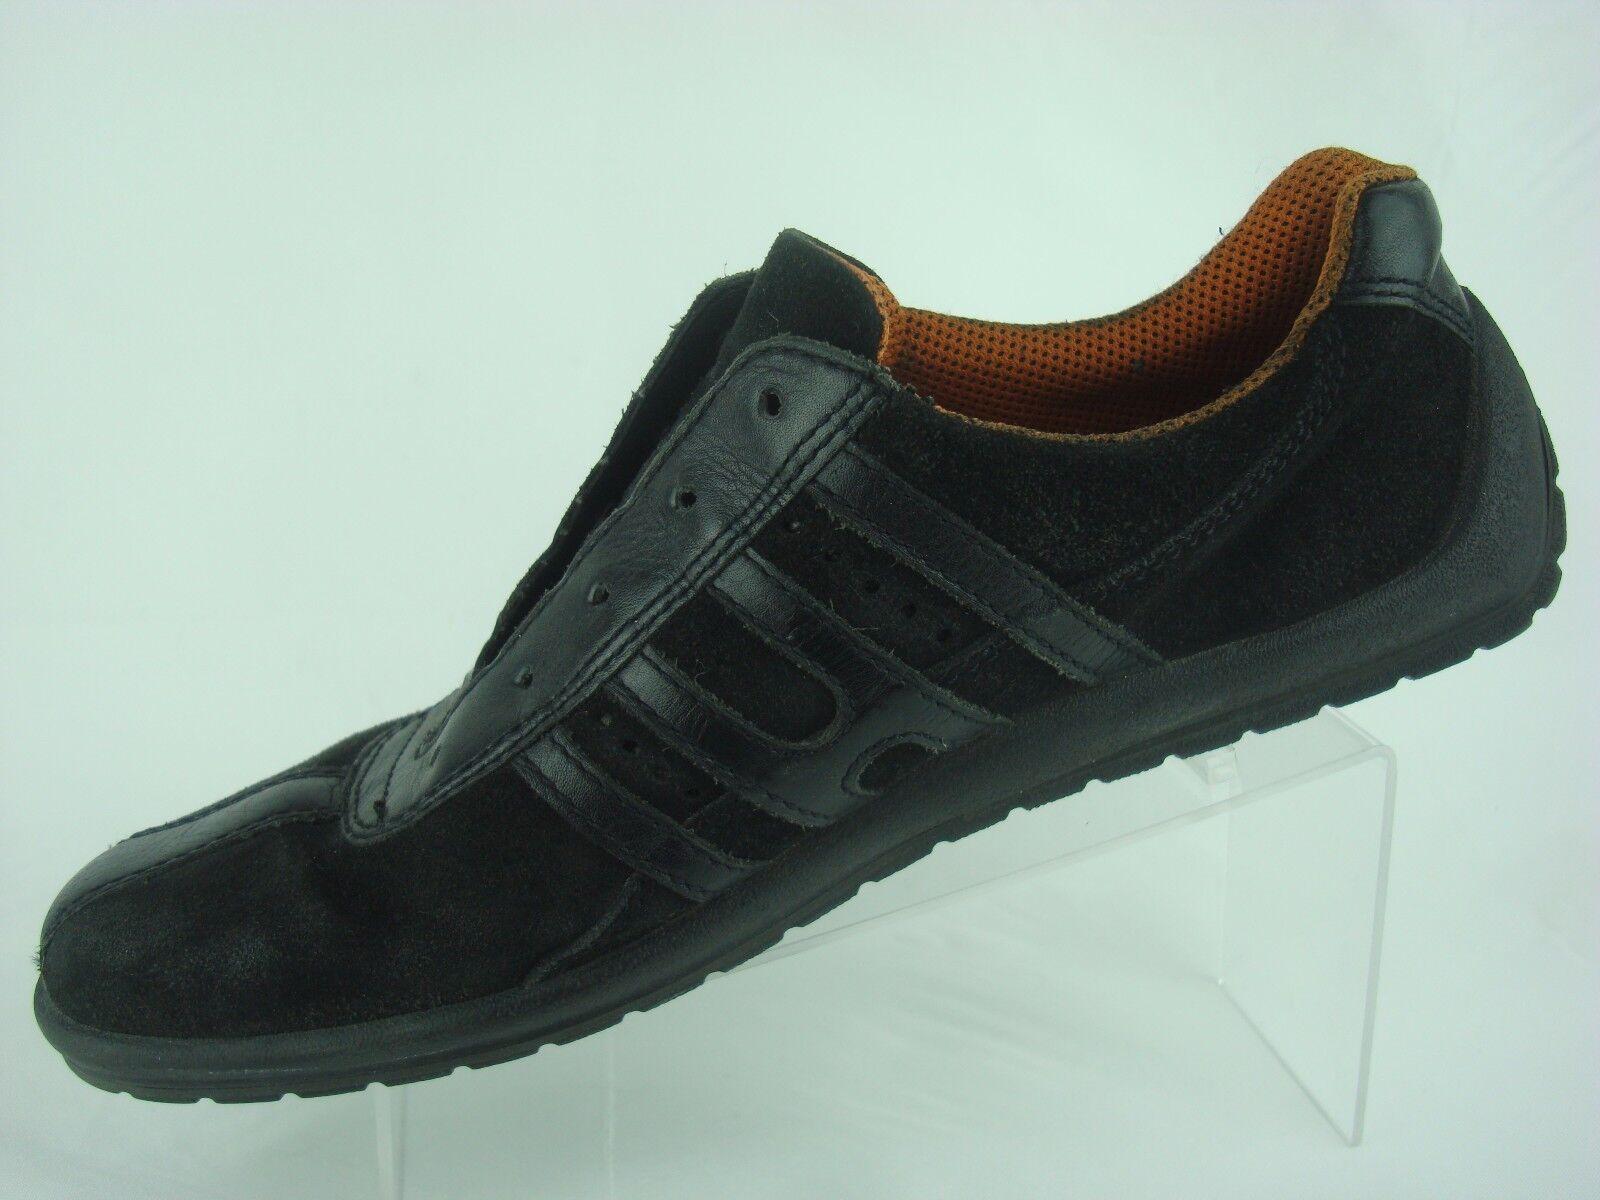 ECCO Black orange Lace Lace Lace Casual Leather Suede Sneaker shoes Women US 10 -10.5 EU 41 df38ef